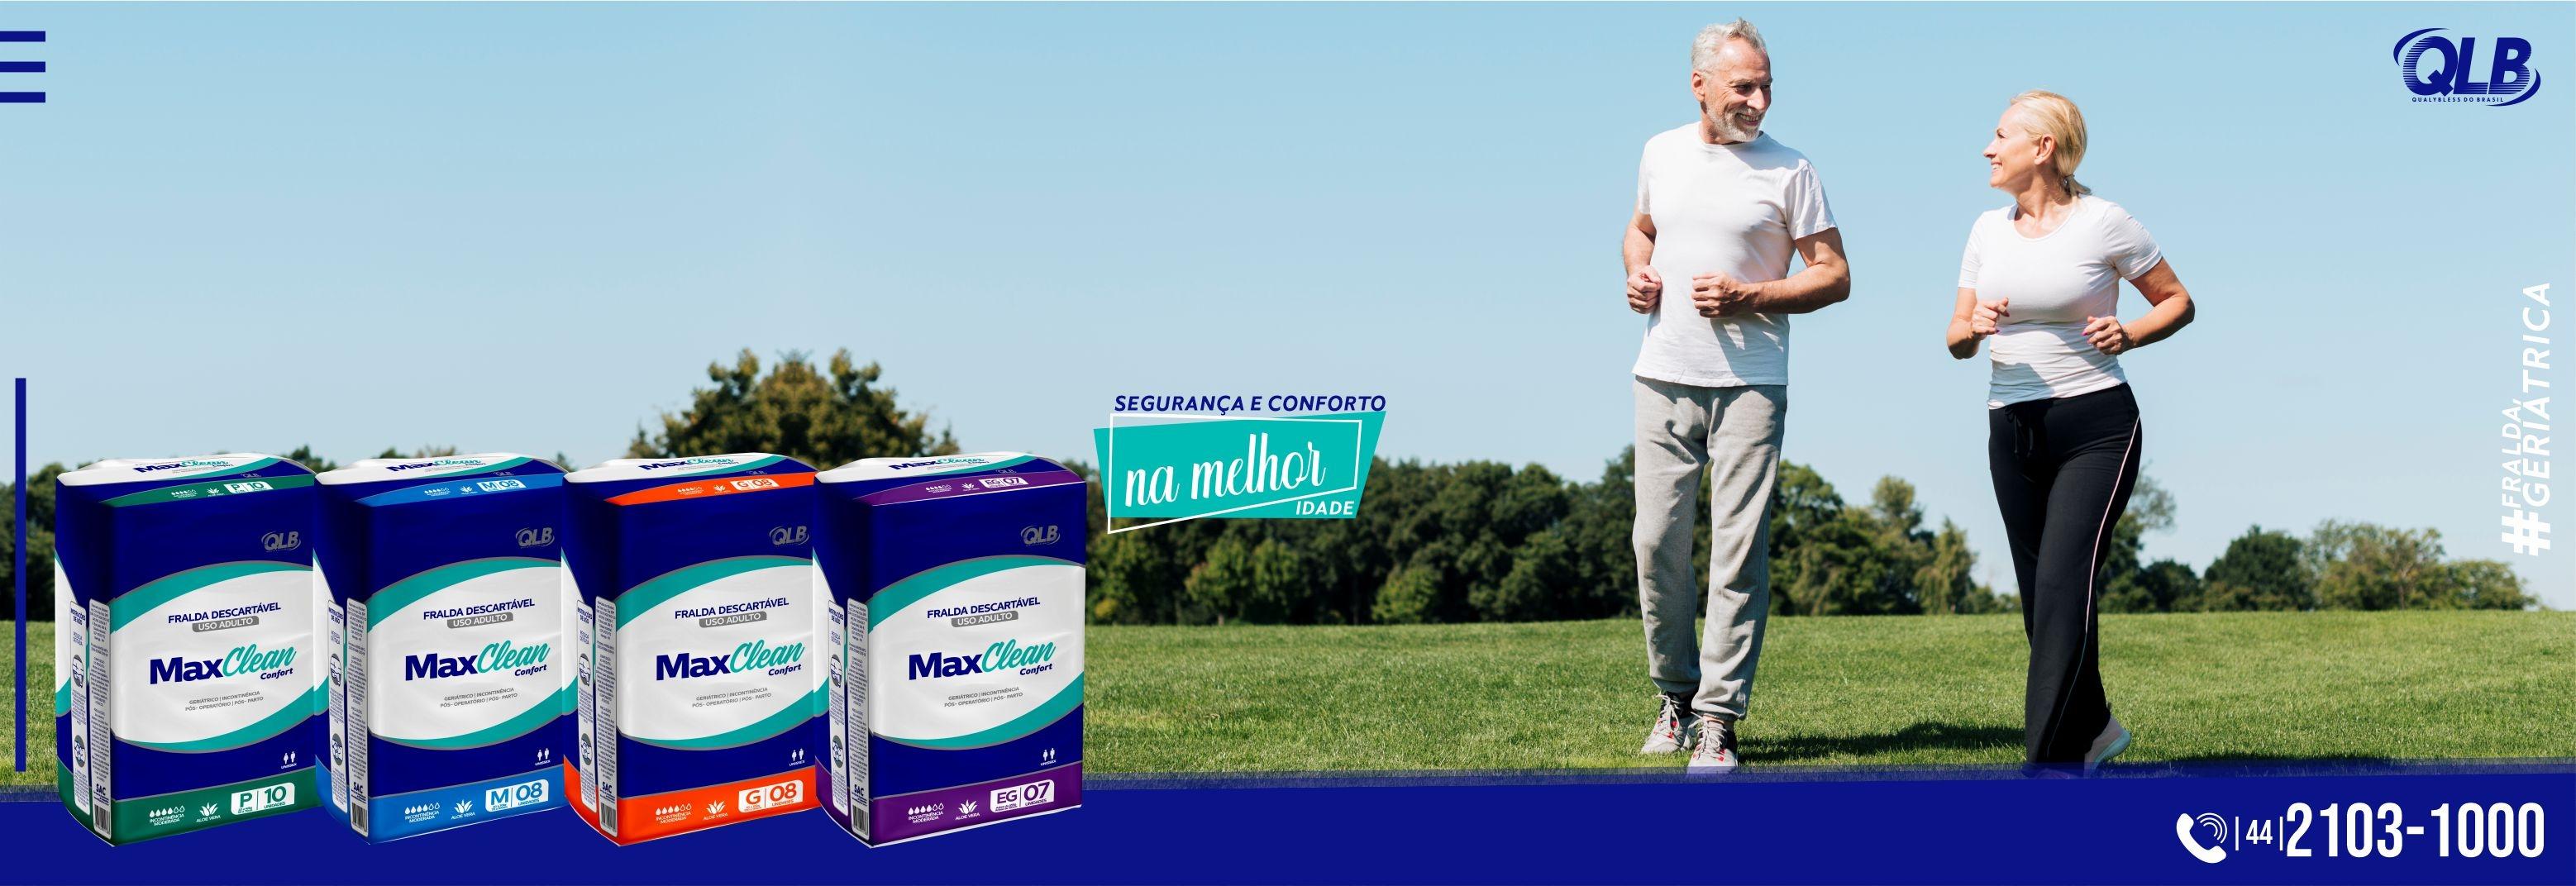 banner max clean